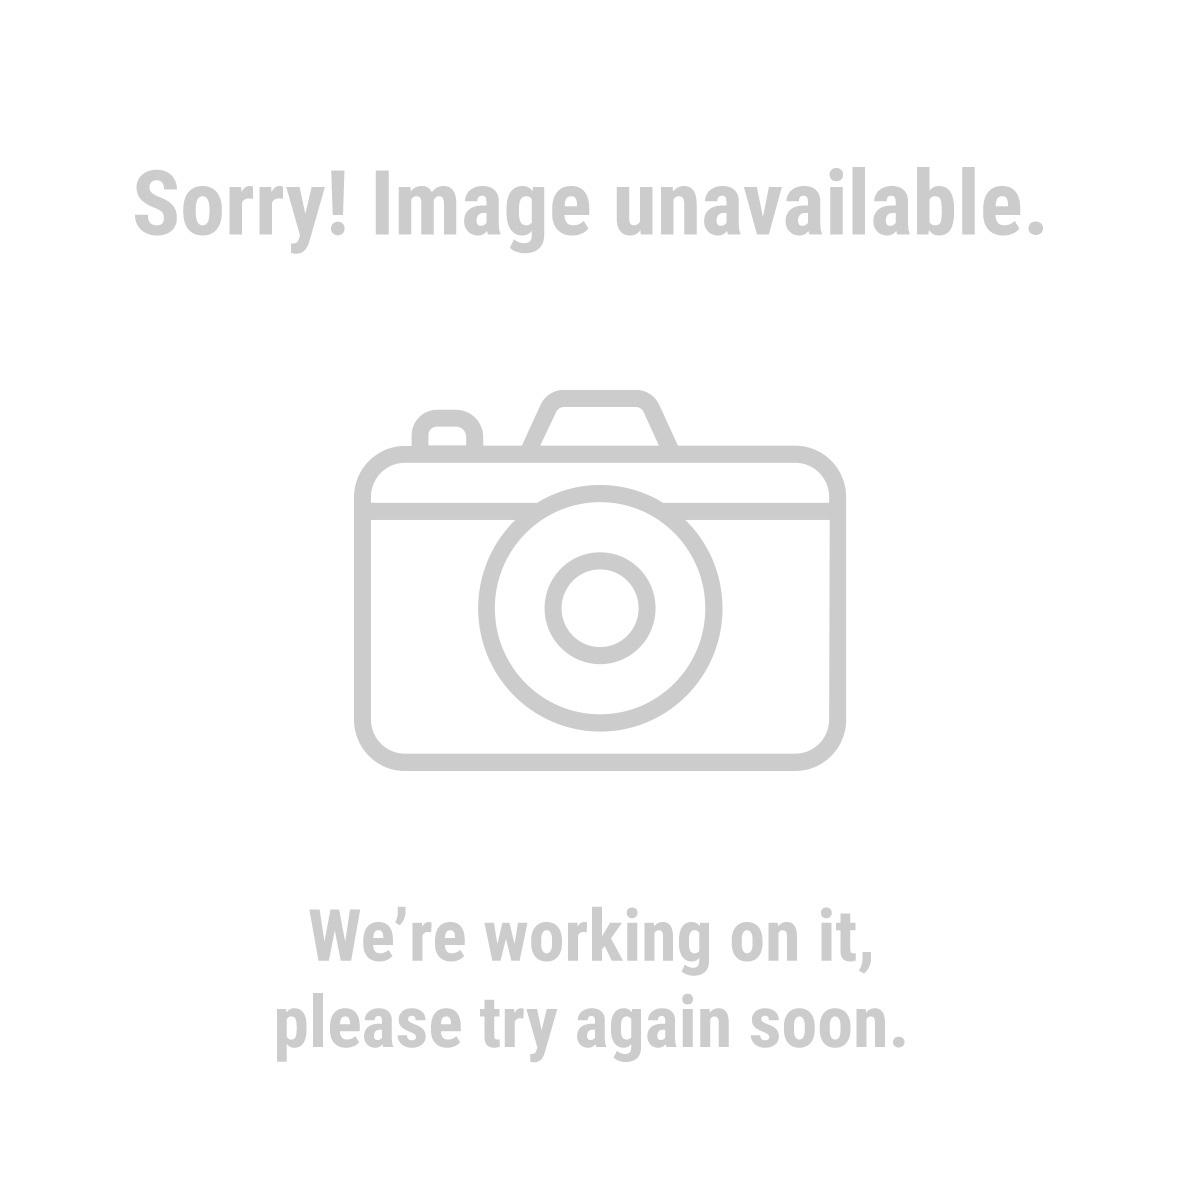 Central Pneumatic 69724 110 Lb. Pressurized Abrasive Blaster